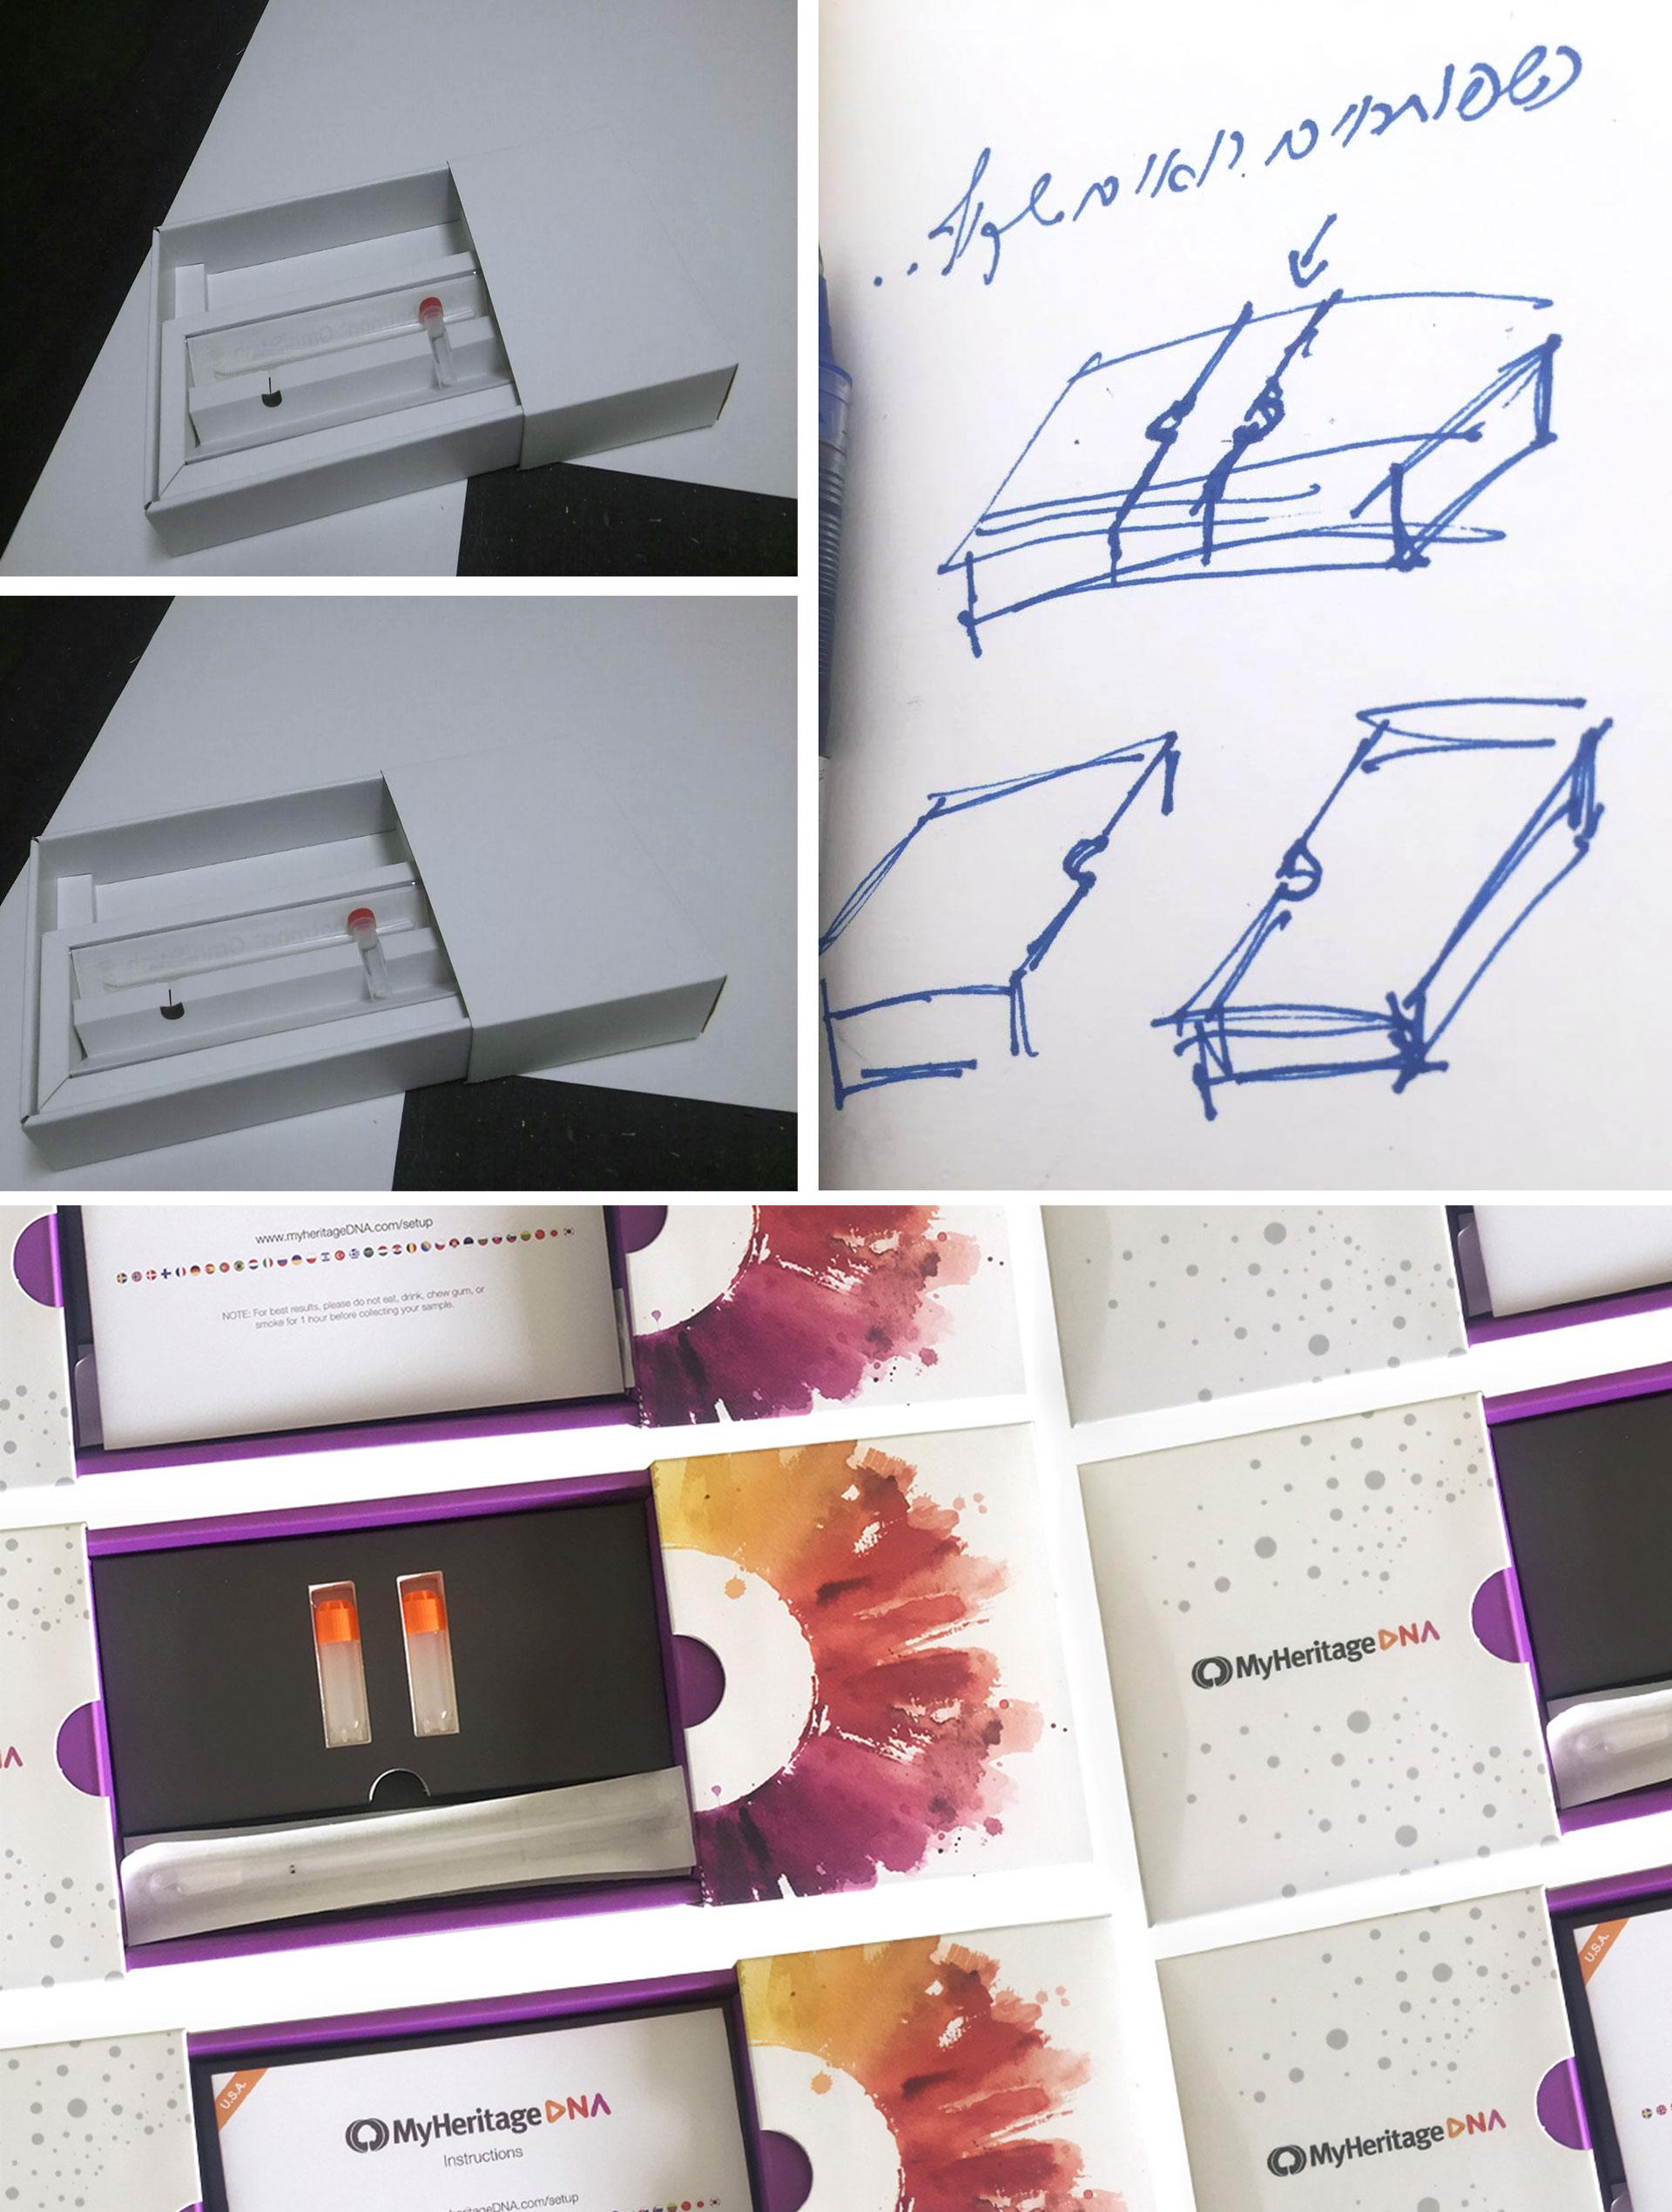 MyHeritage_DNA-Package_-עיצוב-אריזה-למיי-הריטאג_ערכת-דינאיי